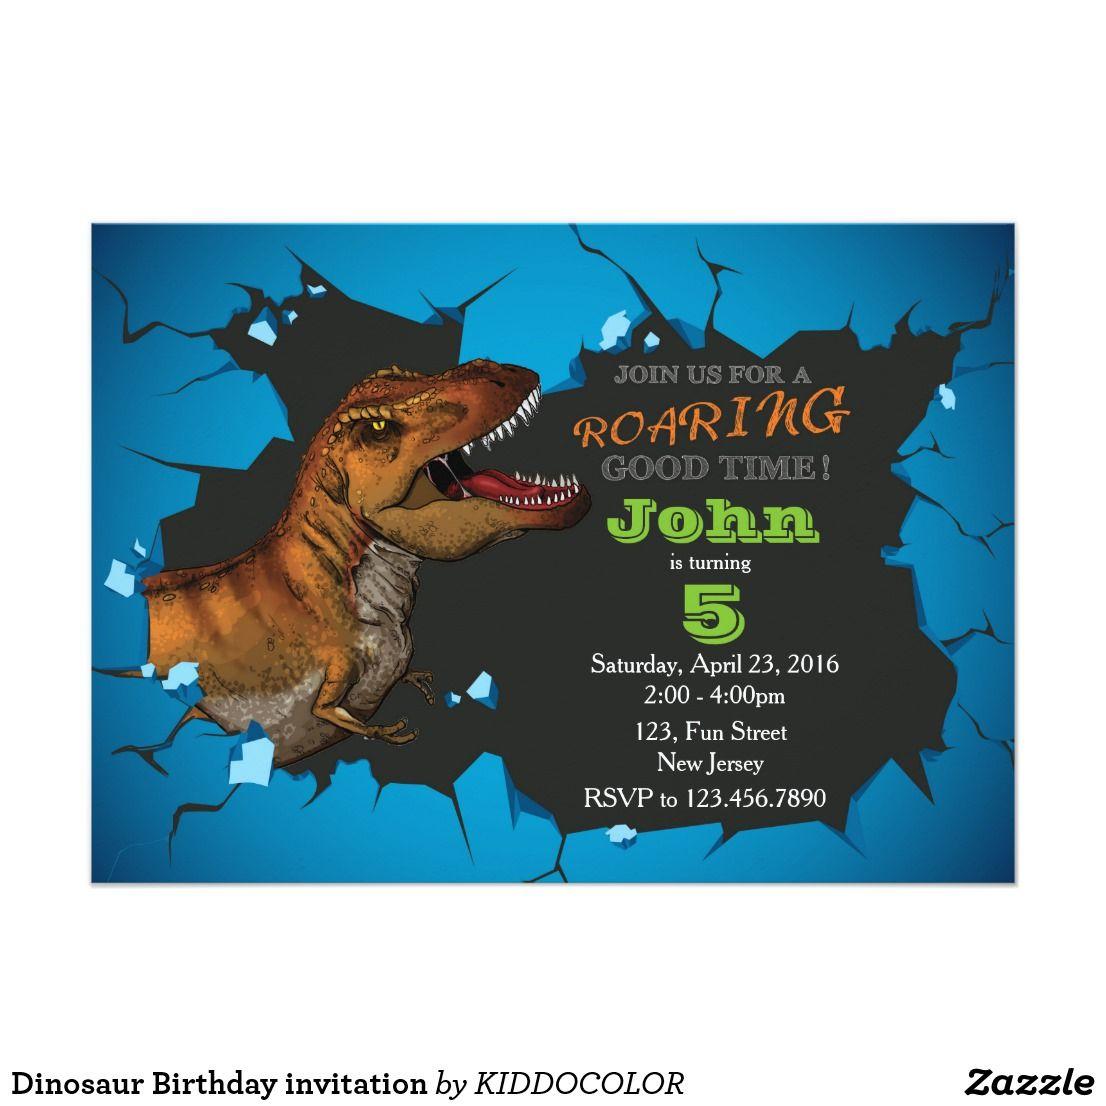 Dinosaur Birthday invitation | Dinosaur birthday invitations ...